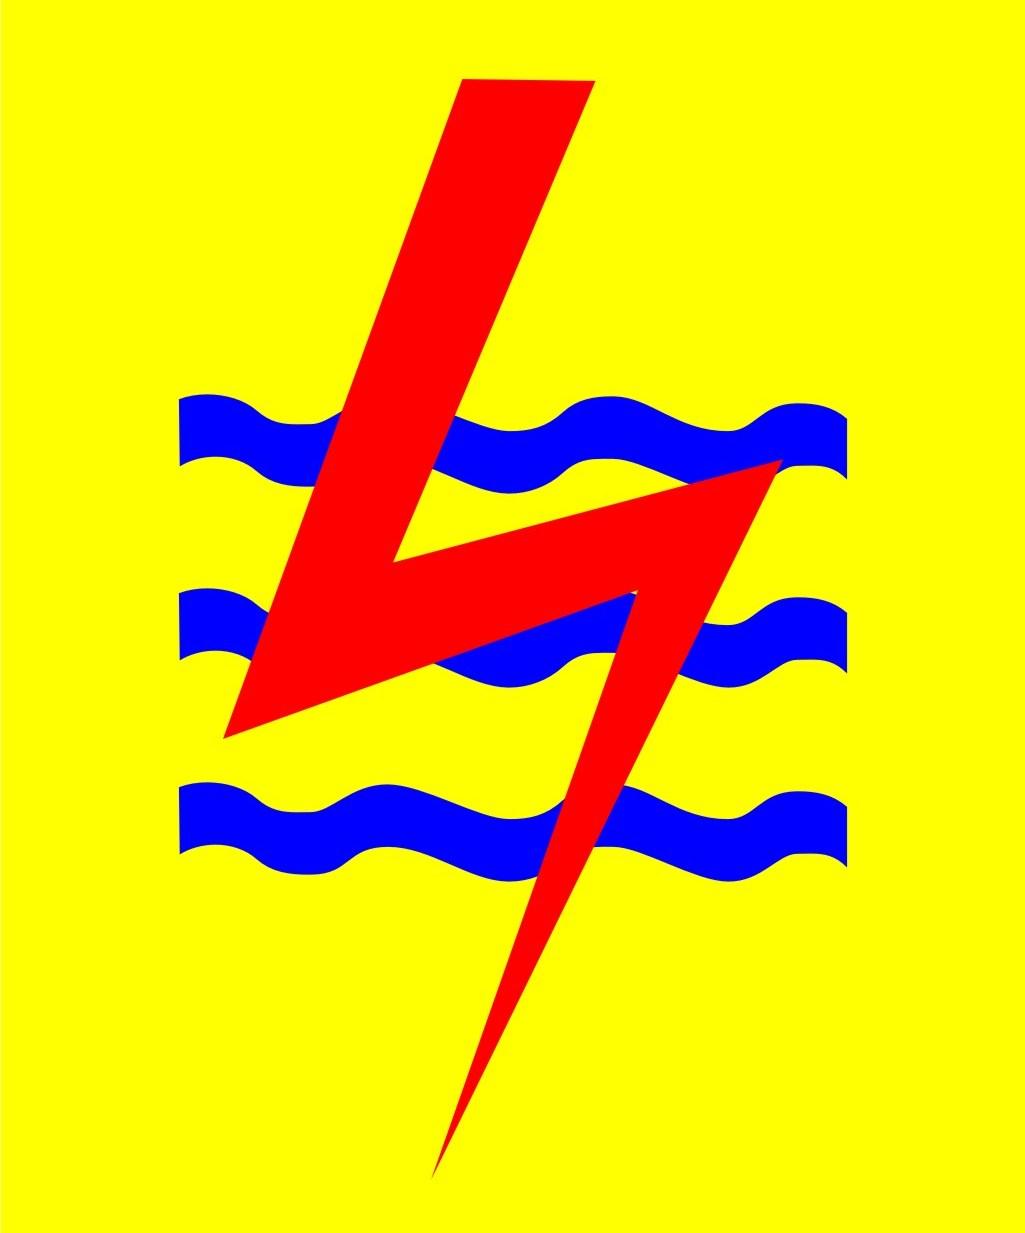 Logo_Perusahaan_Listrik_Negara_PLN_ideKUUntukPLN